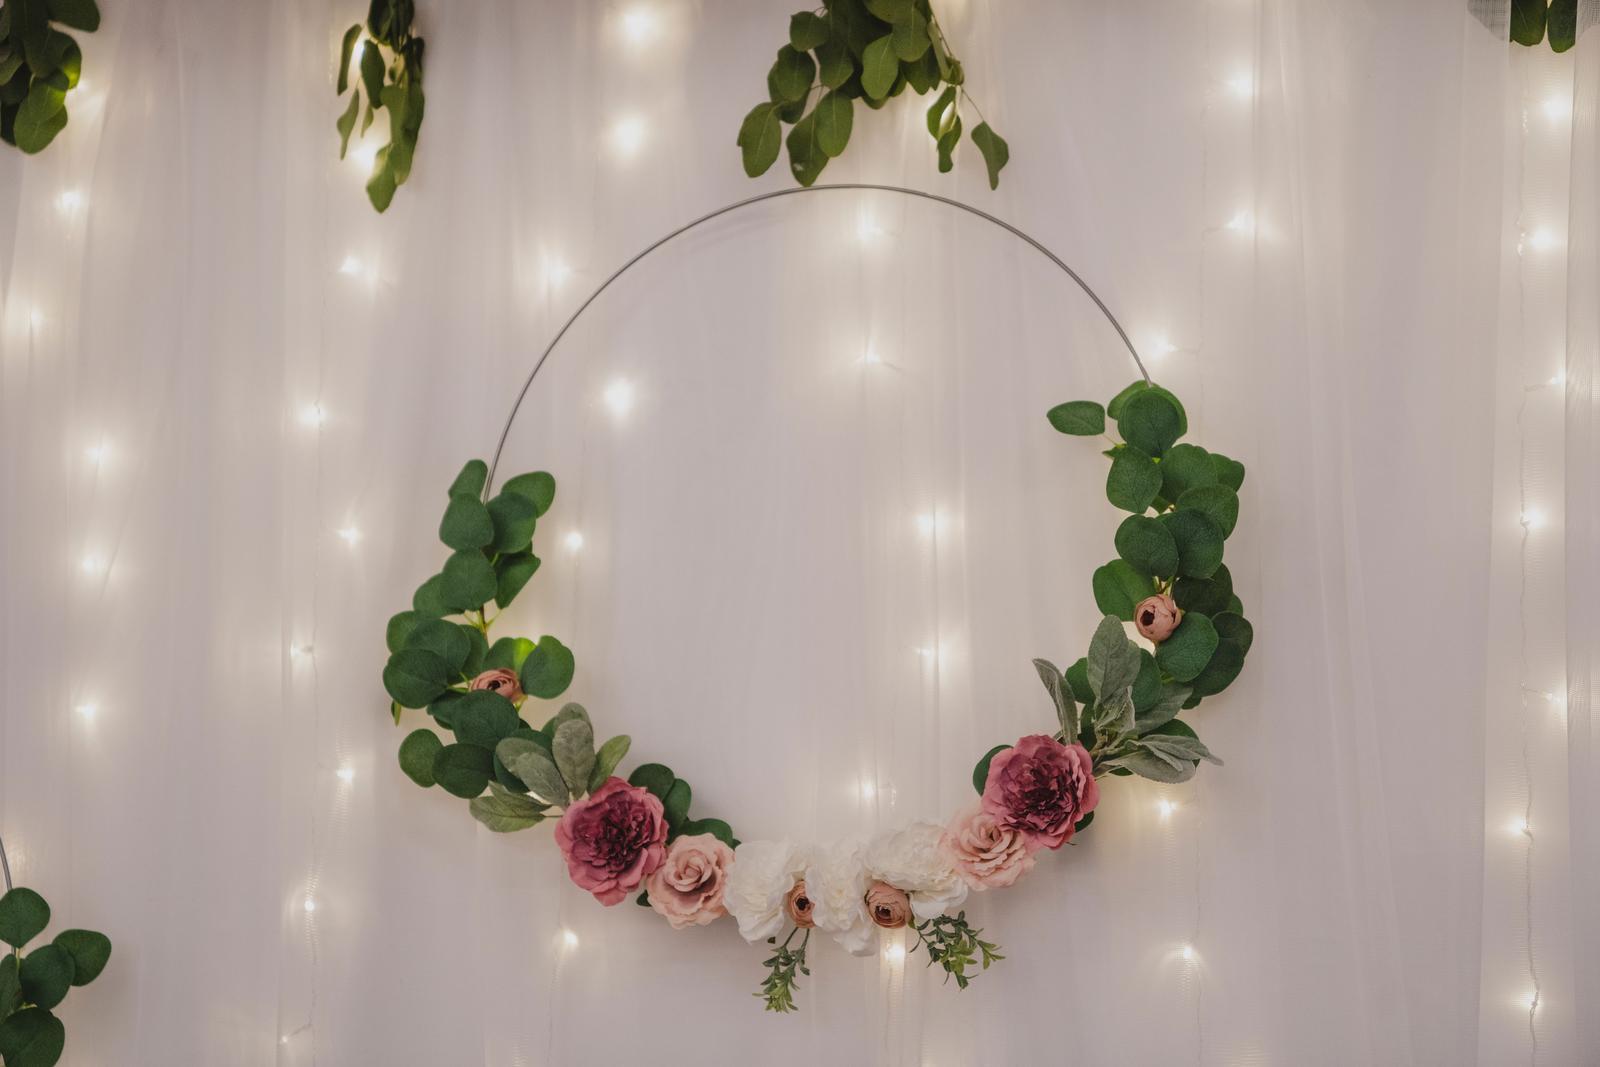 Květinové kruhy 60 cm, stříbrné - Obrázek č. 1